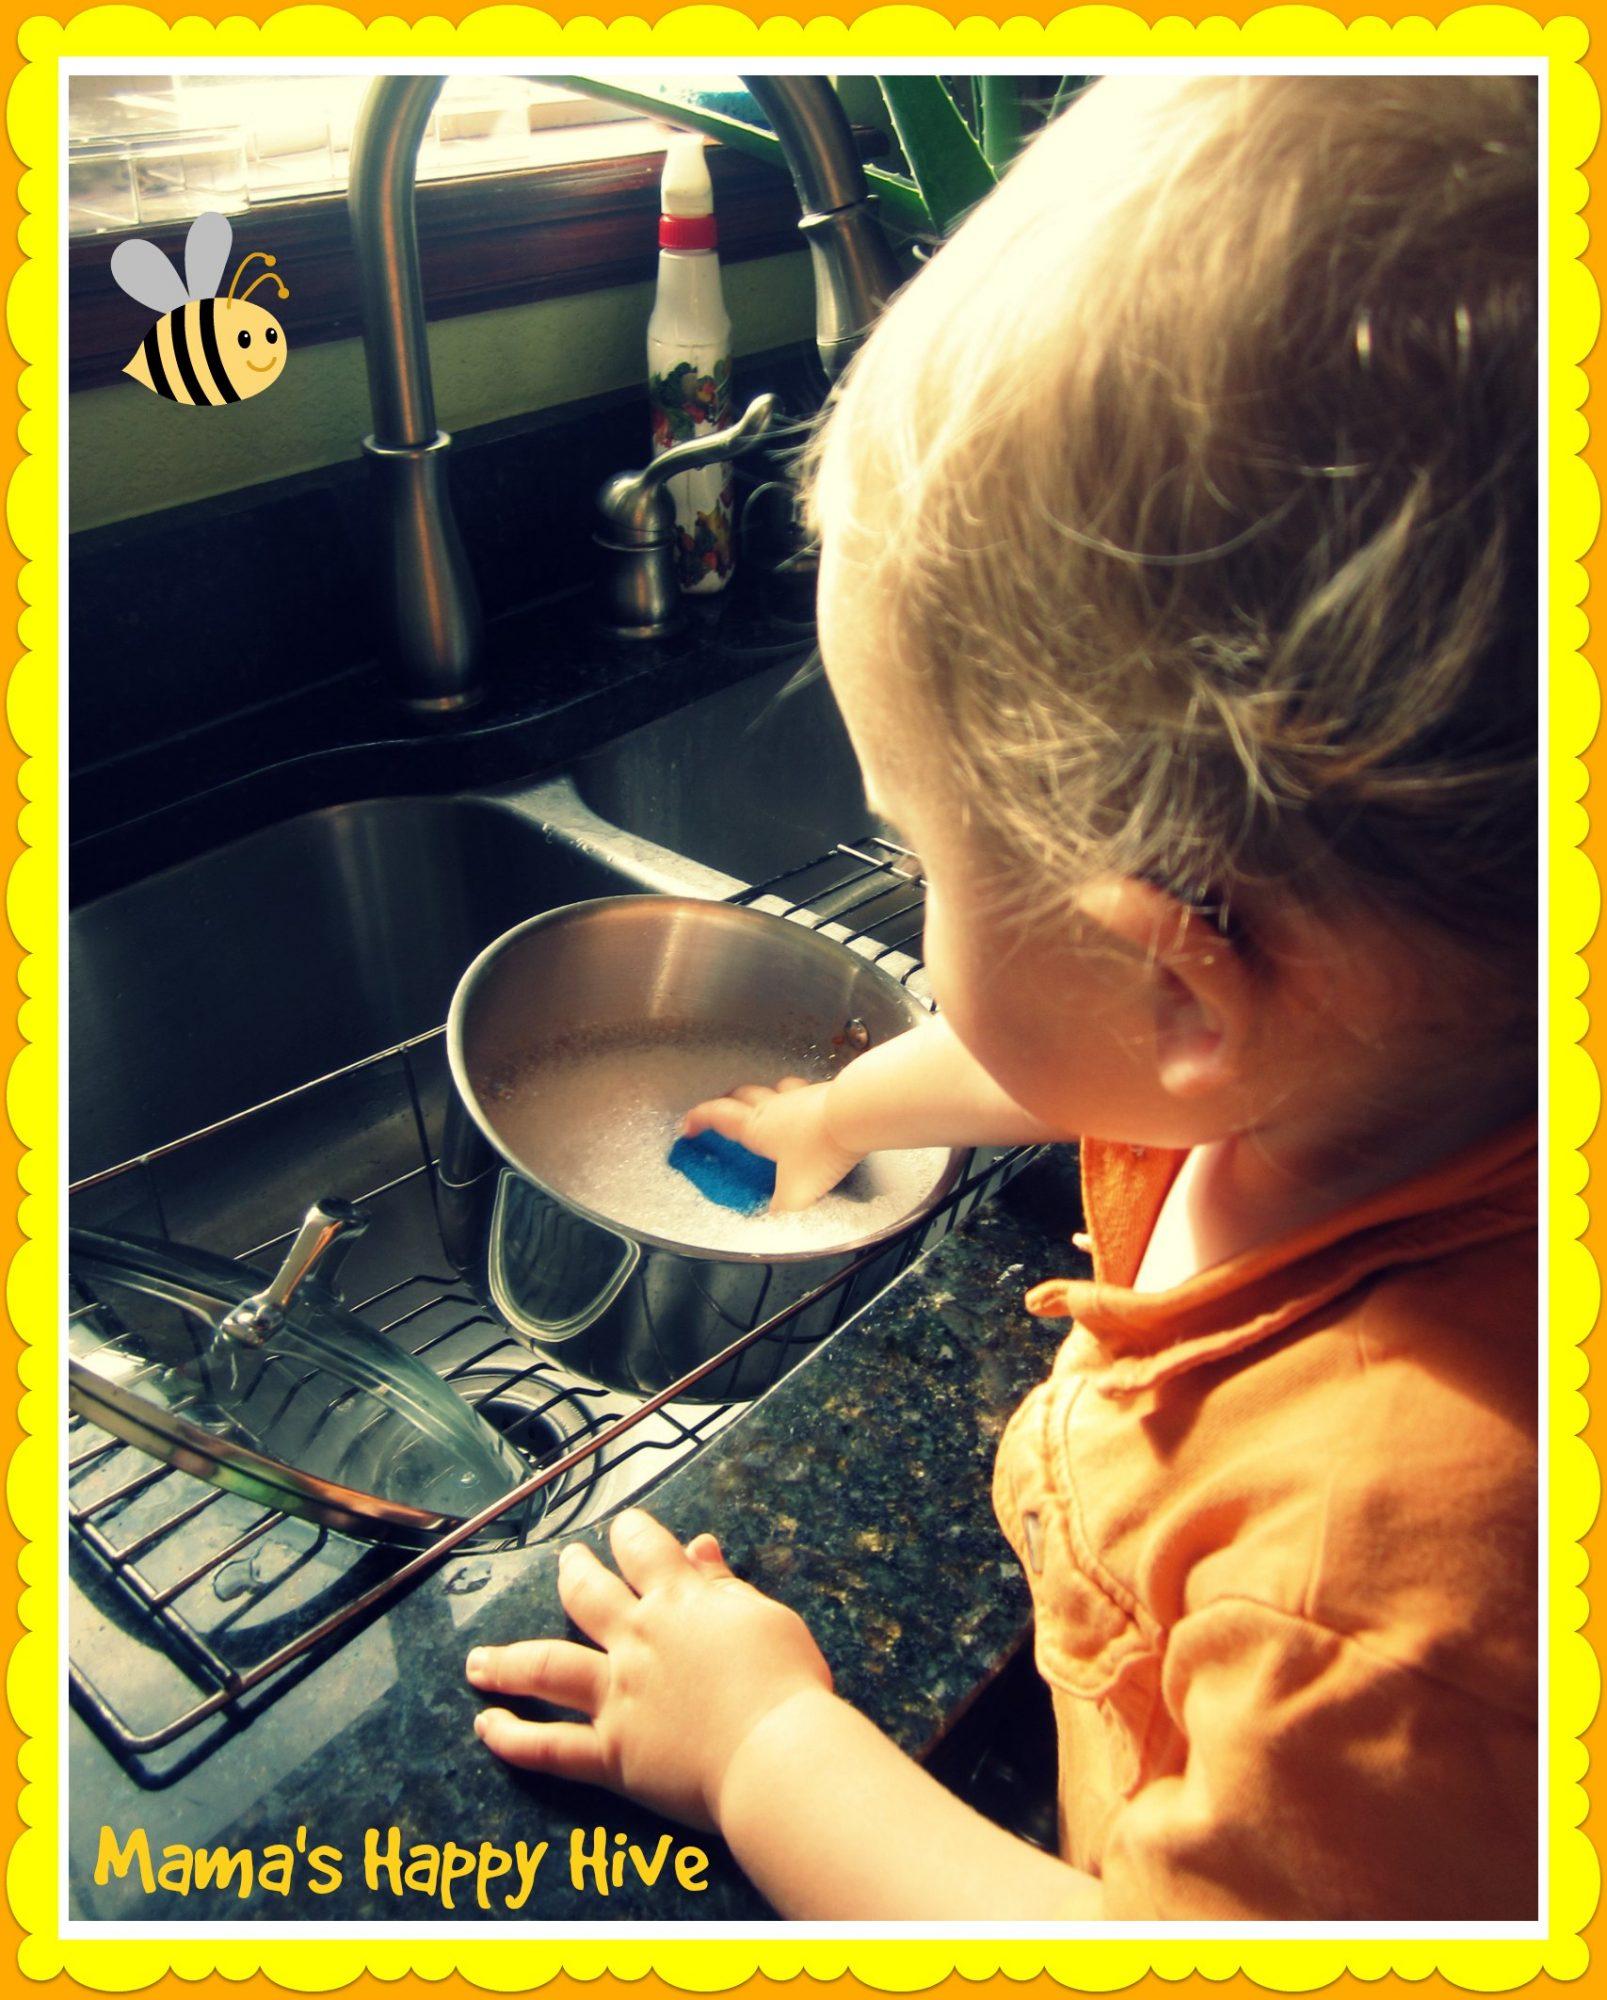 Toddler Washing Dishes - www.mamashappyhive.com